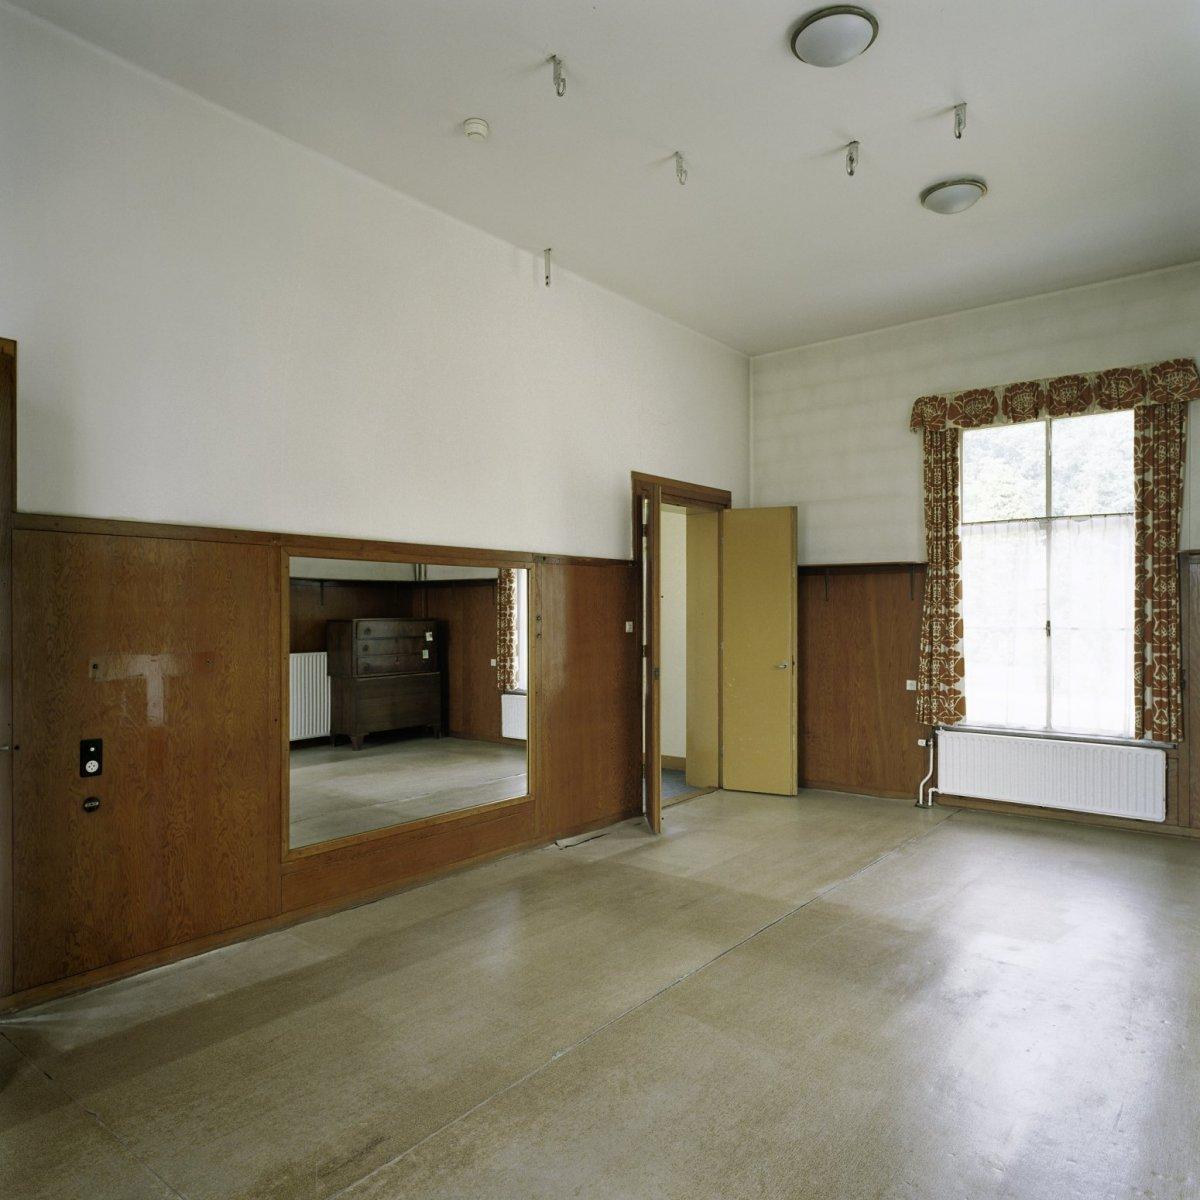 Bestand:Interieur, overzicht van de turnzaal met spiegelwand ...